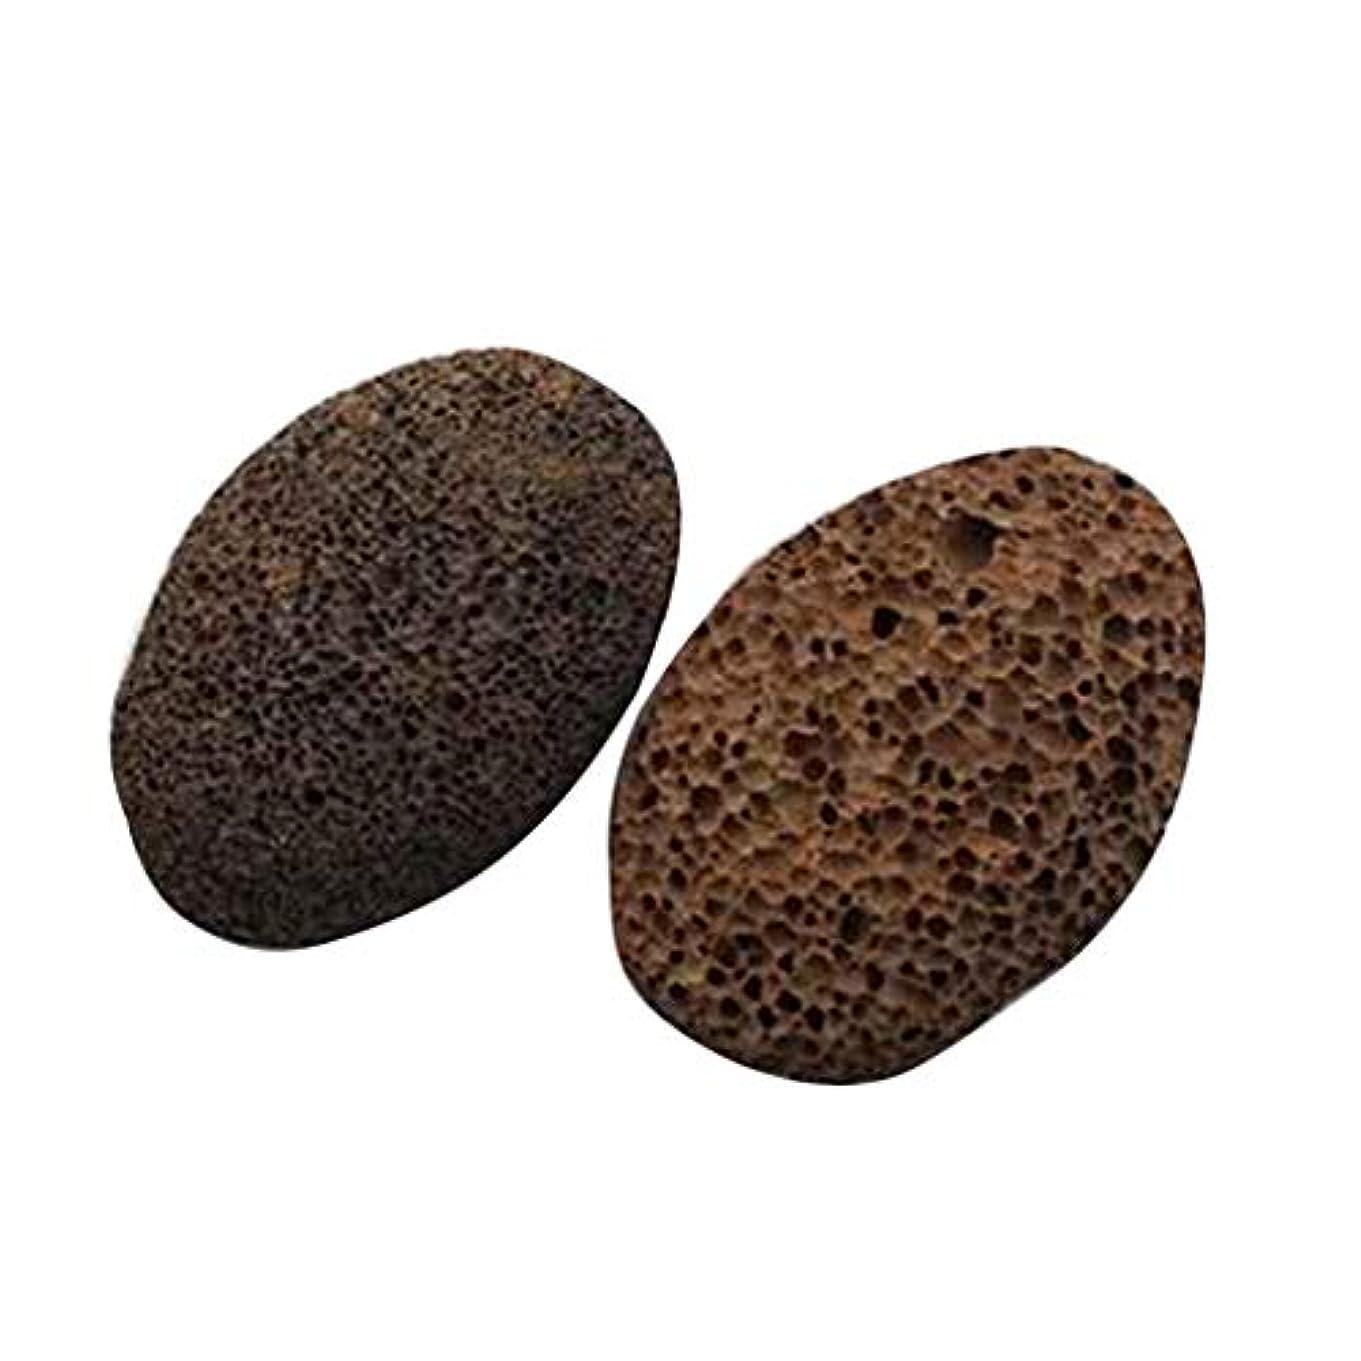 講師活性化インフレーションVonarly ワイプ足石 死んだ皮軽石を取り除き 足石を挽いて 自然の火山石を剥がします 足マッサージ石 2個セット